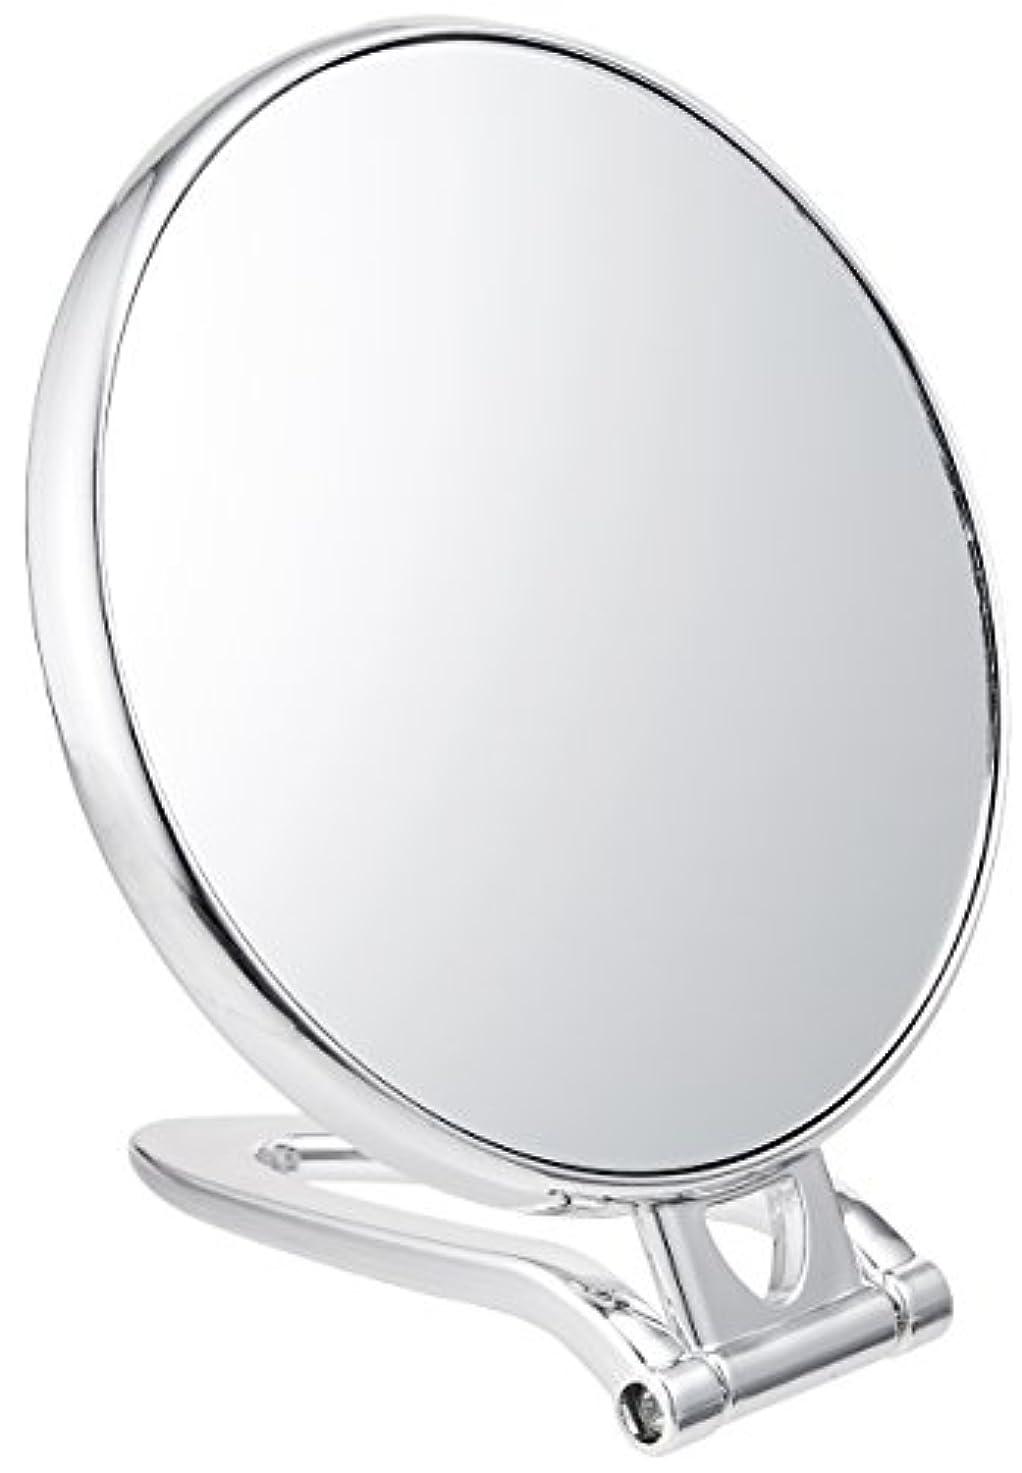 筋肉のサイレントポーズ拡大鏡付スタンドミラー(約2倍)シルバー